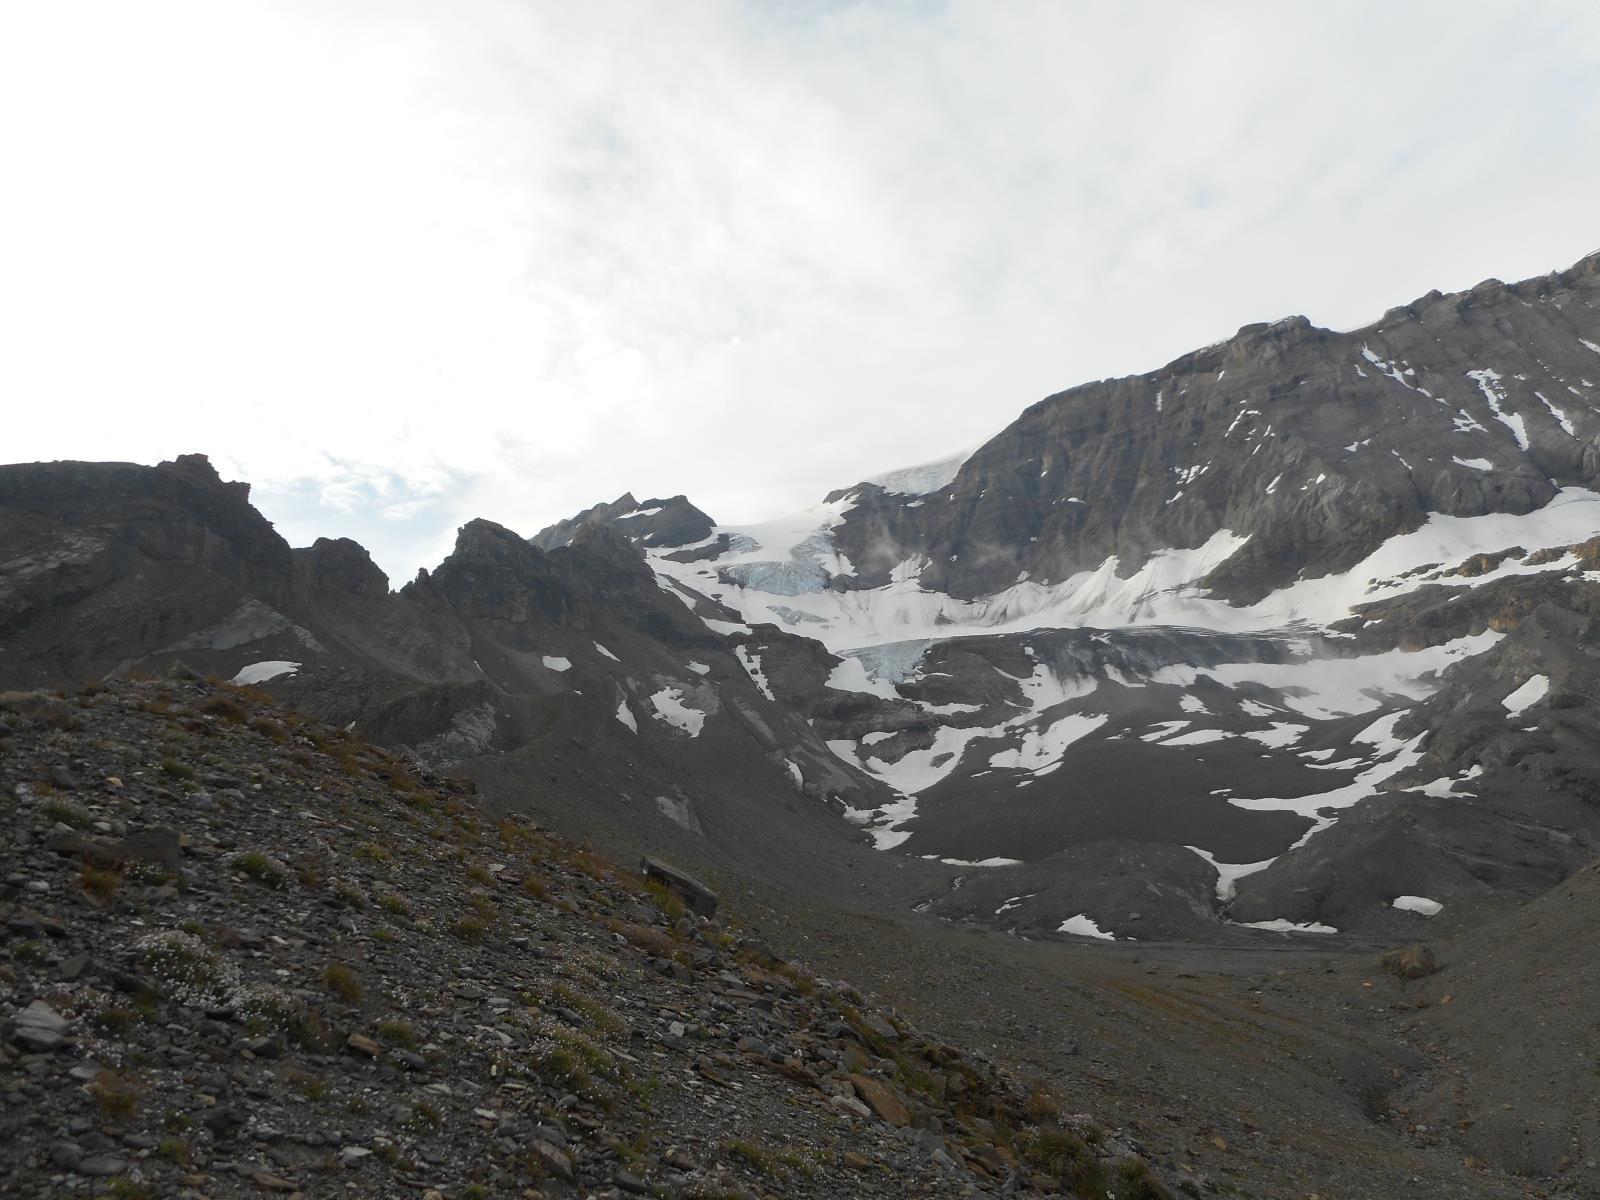 Et déjà des paysages glaciaires se dévoilent